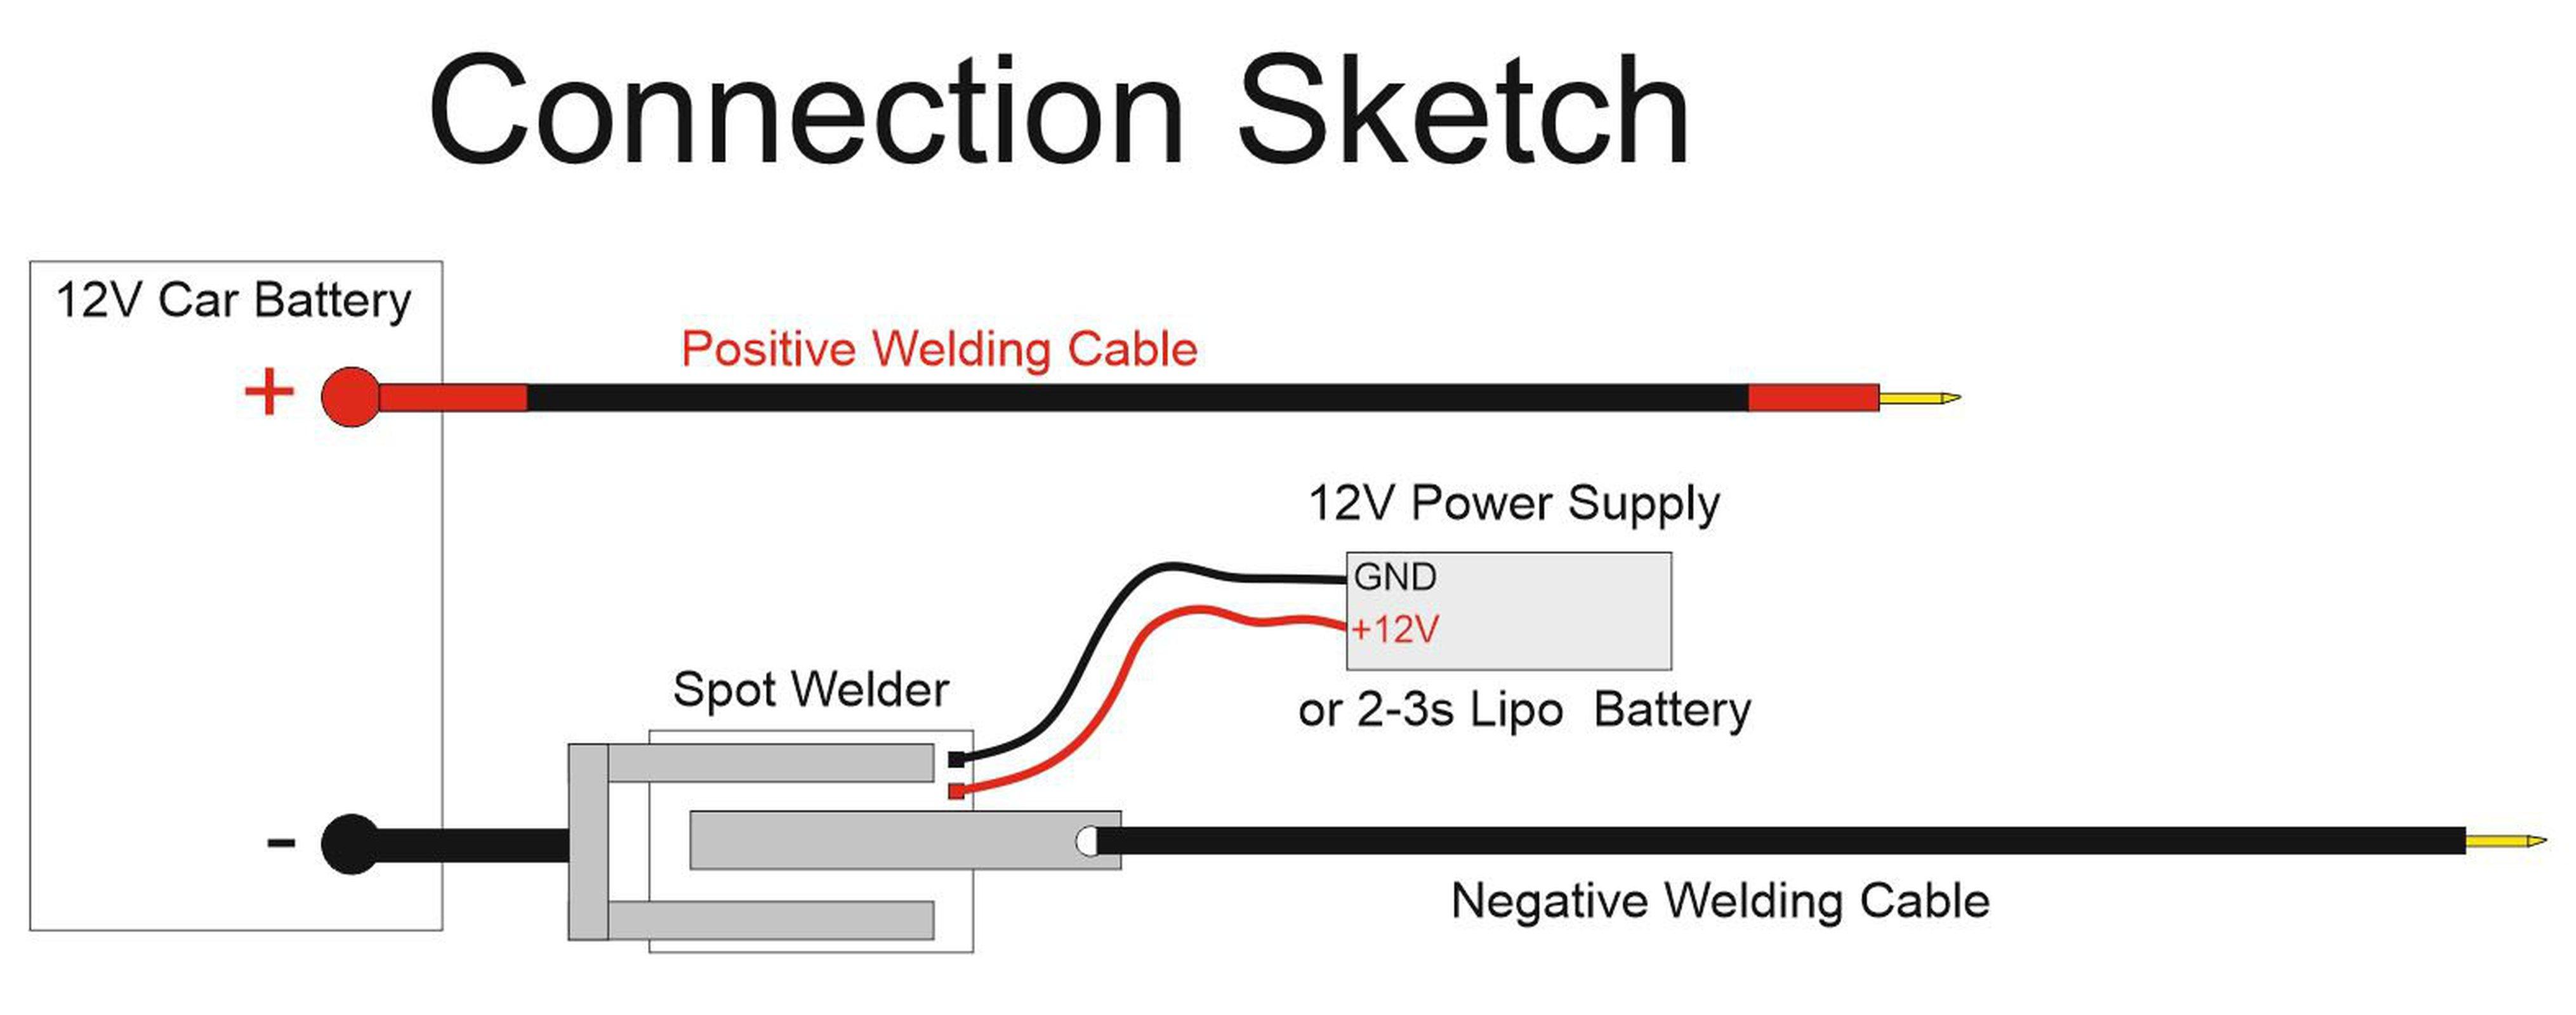 Diy arduino battery spot welder v2 prebuilt kit from kaeptnbalu on diy arduino battery spot welder v2 prebuilt kit solutioingenieria Images